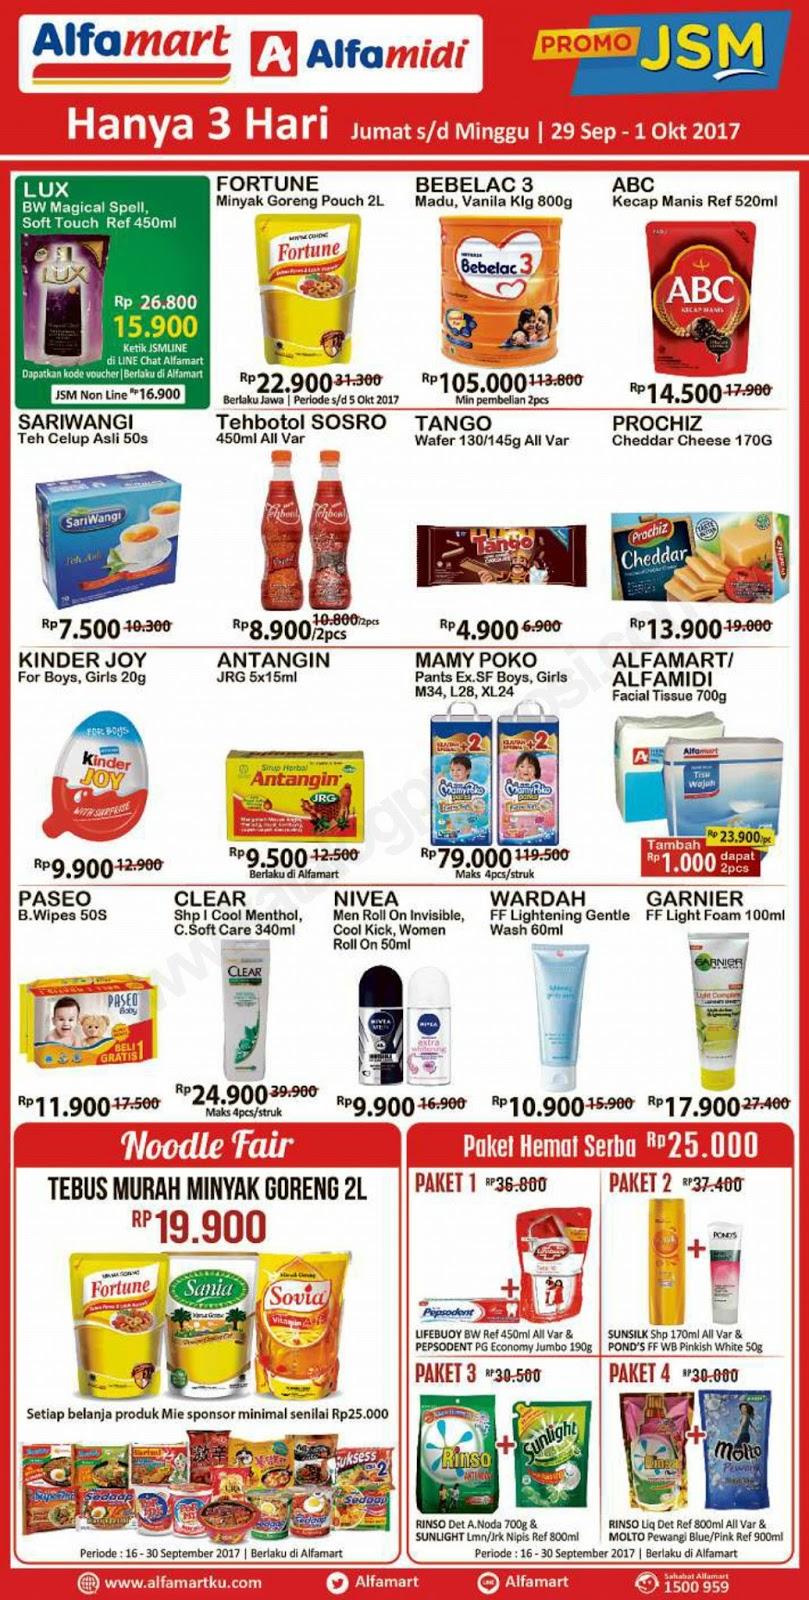 Alfamidi Katalog Jsm Jumat Sabtu Minggu Promo Weekend Periode 29 September 01 Oktober 2017